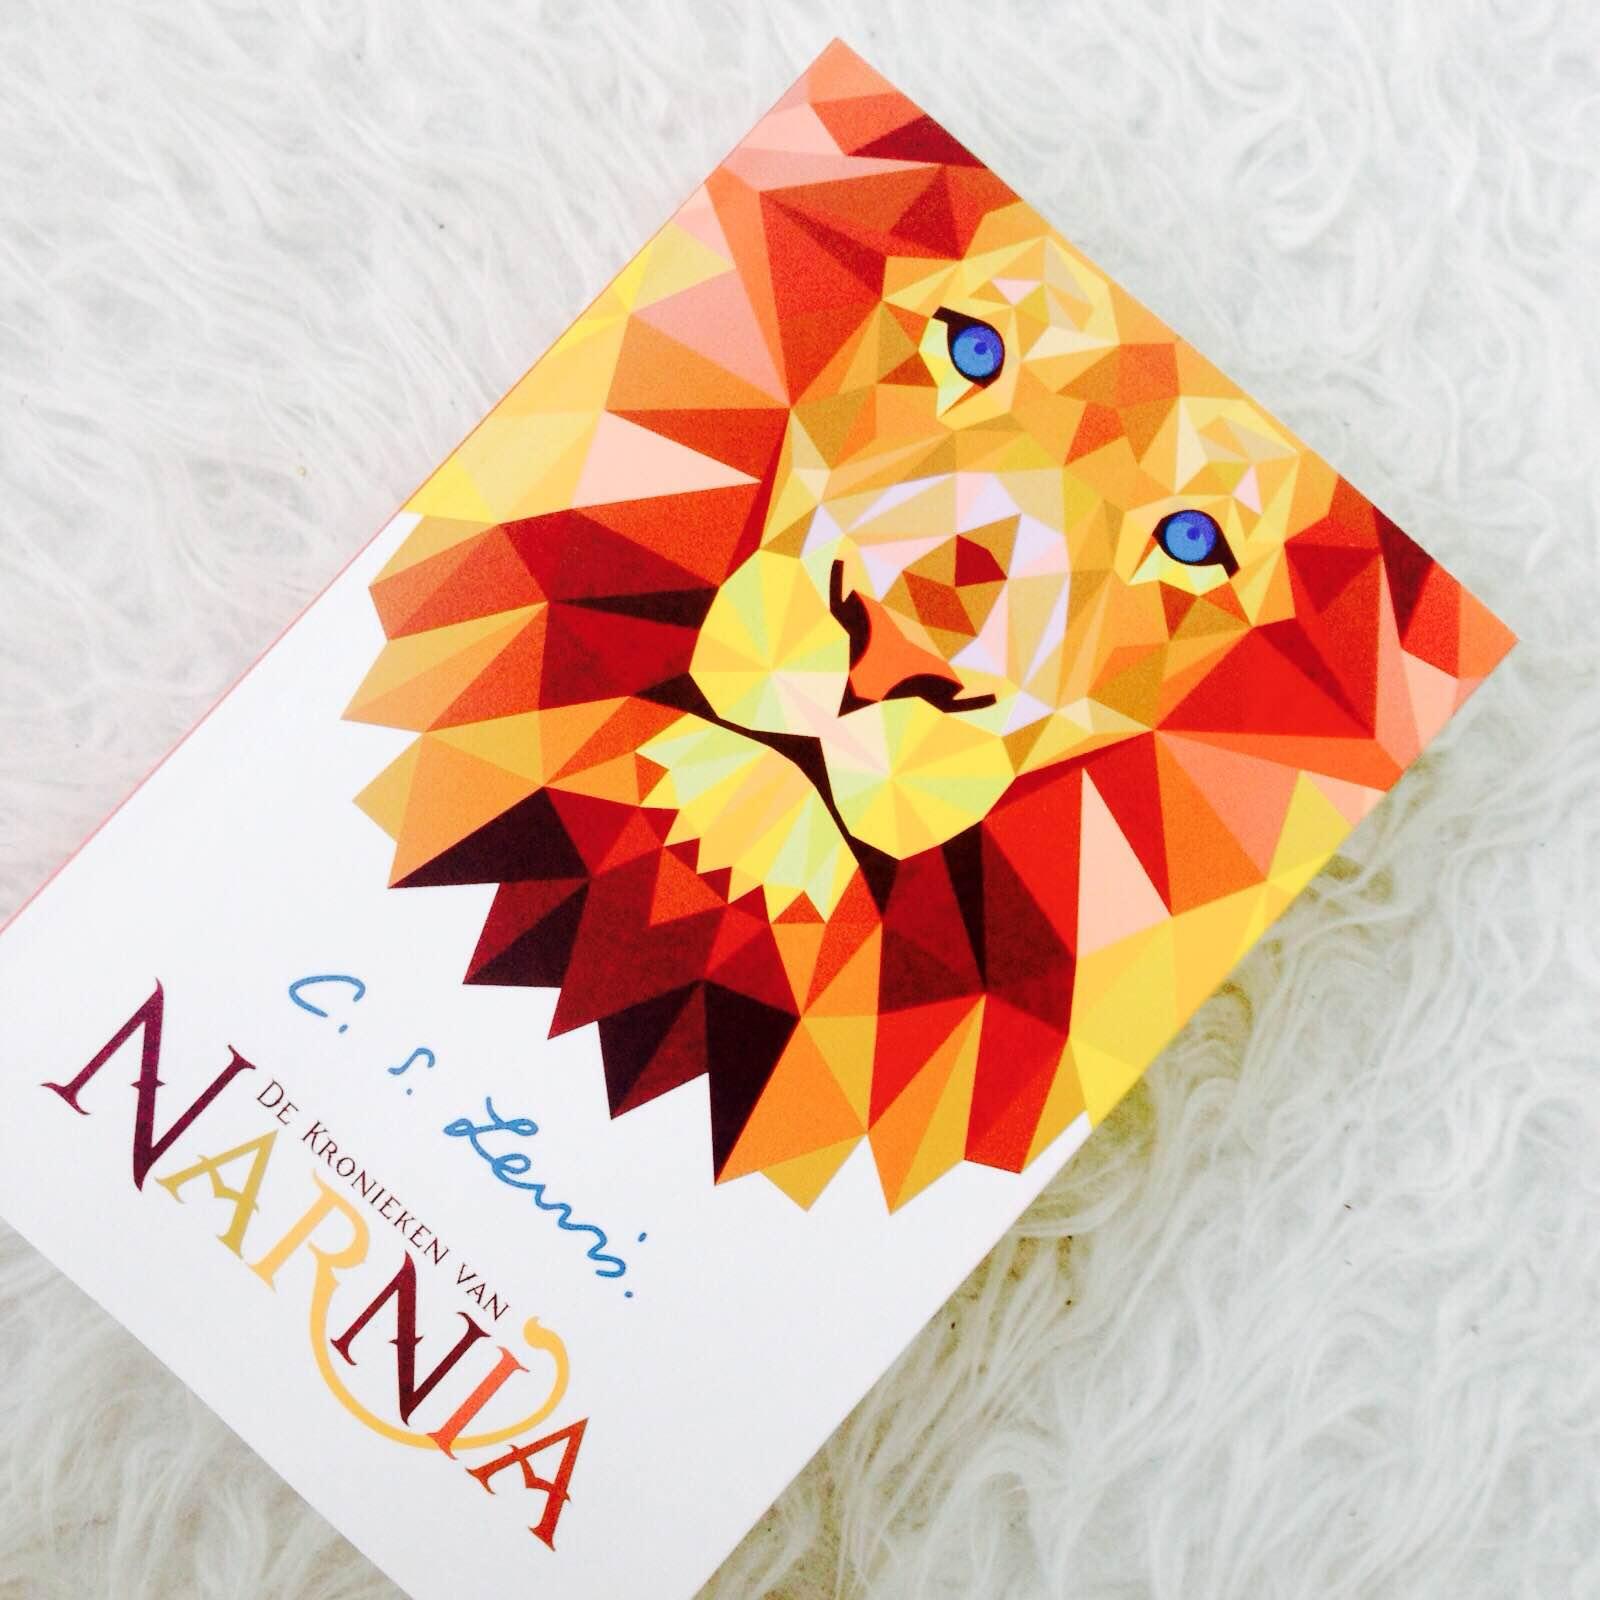 Waarom iedereen 'De kronieken van Narnia' zou moeten lezen